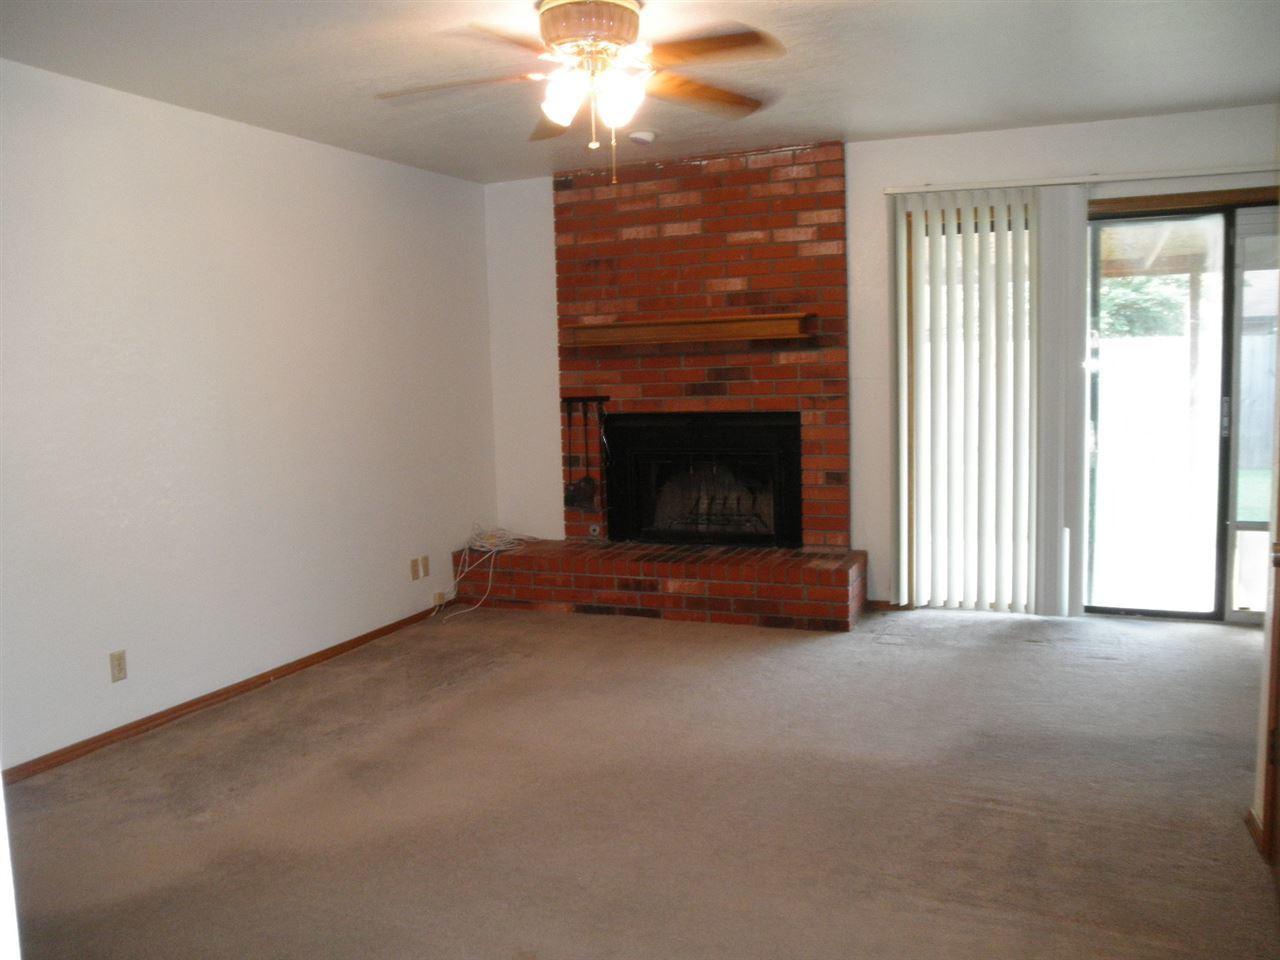 Sold Cross Sale W/ MLS | 124 Woodbury Ponca City, OK 74601 4